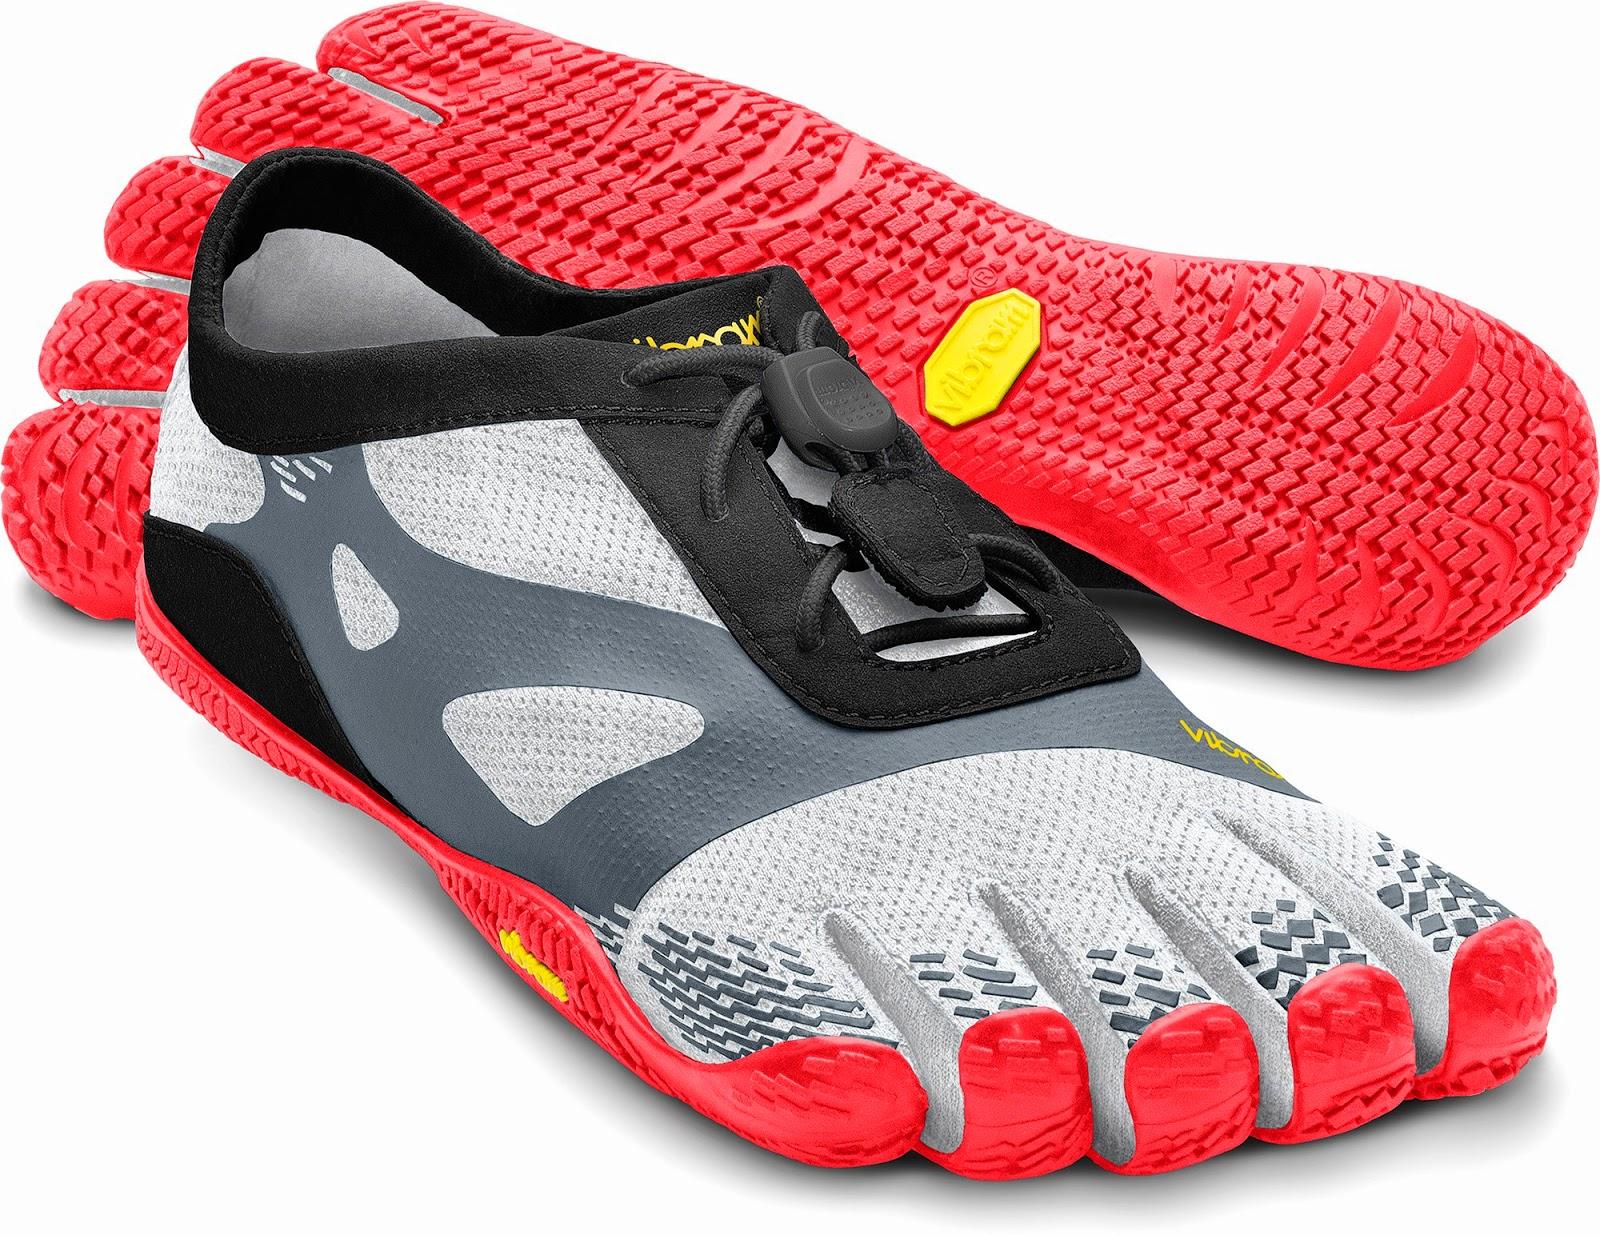 Tênis Vibram Five Fingers - Sensação de andar descalço